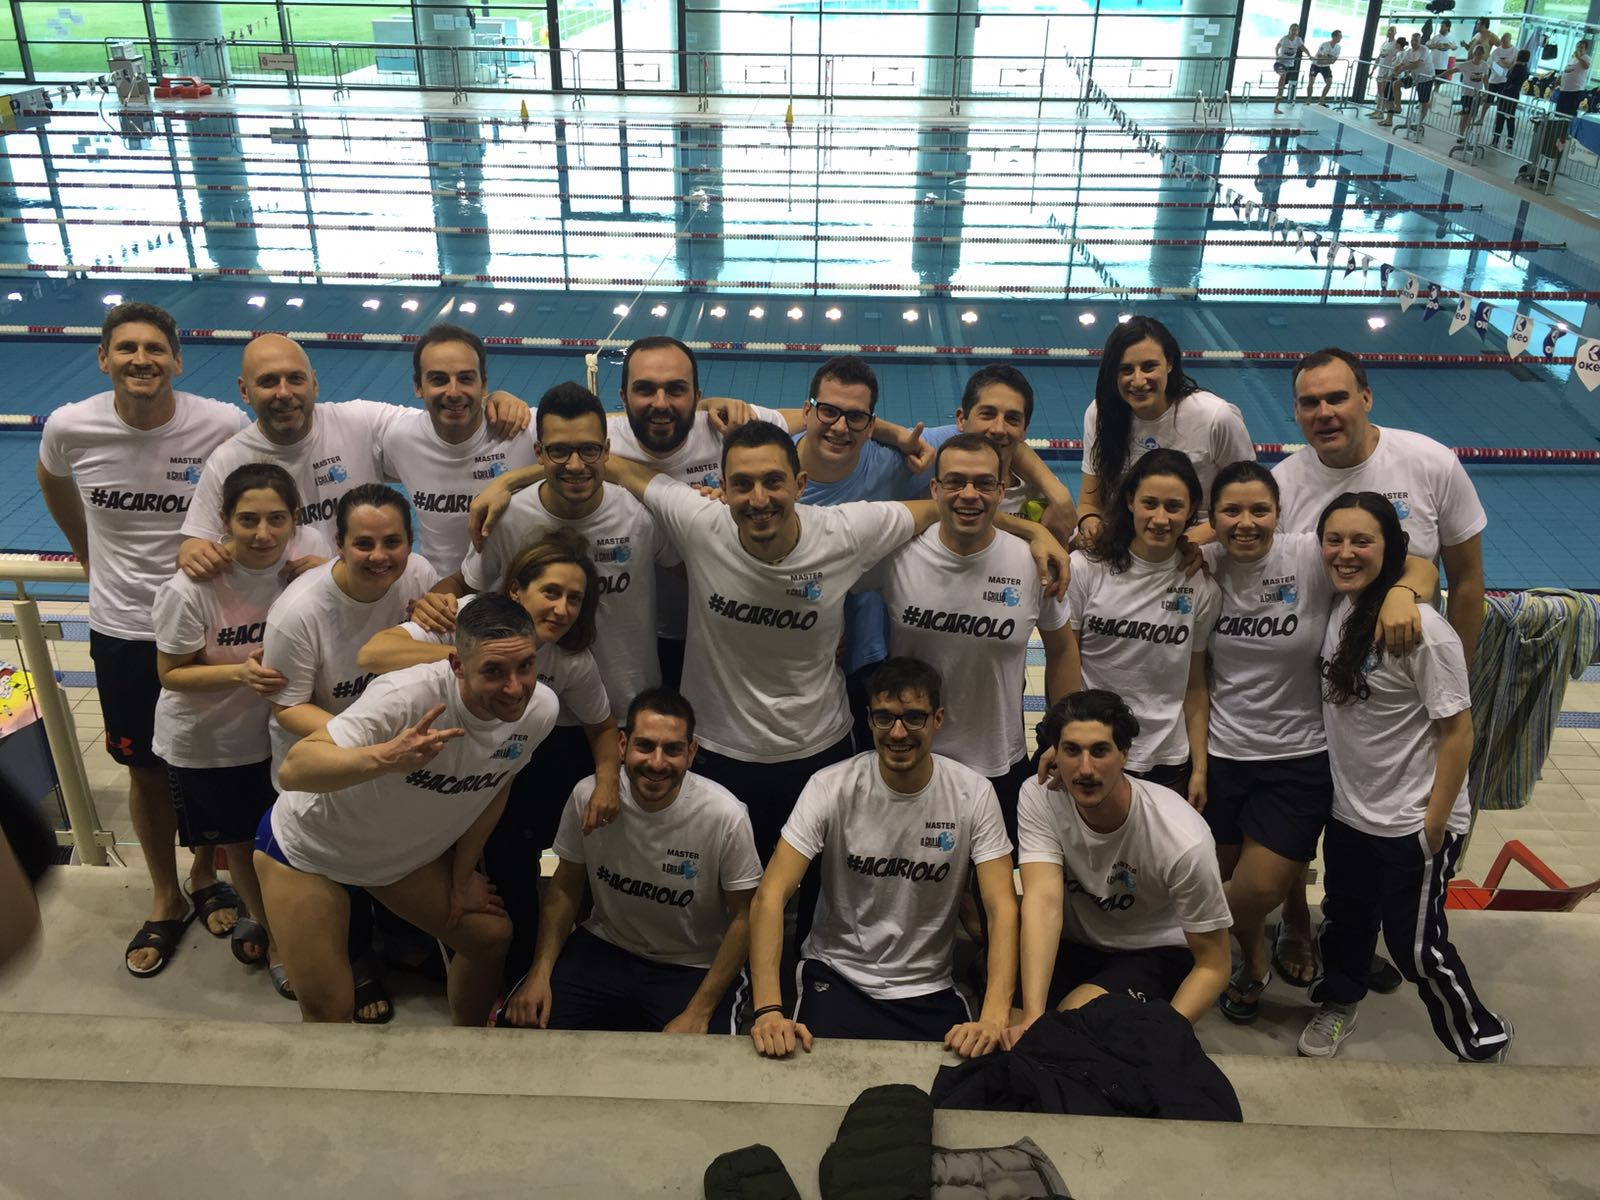 Nuoto Il Grillo Trionfa A Fabriano Cronache Maceratesi